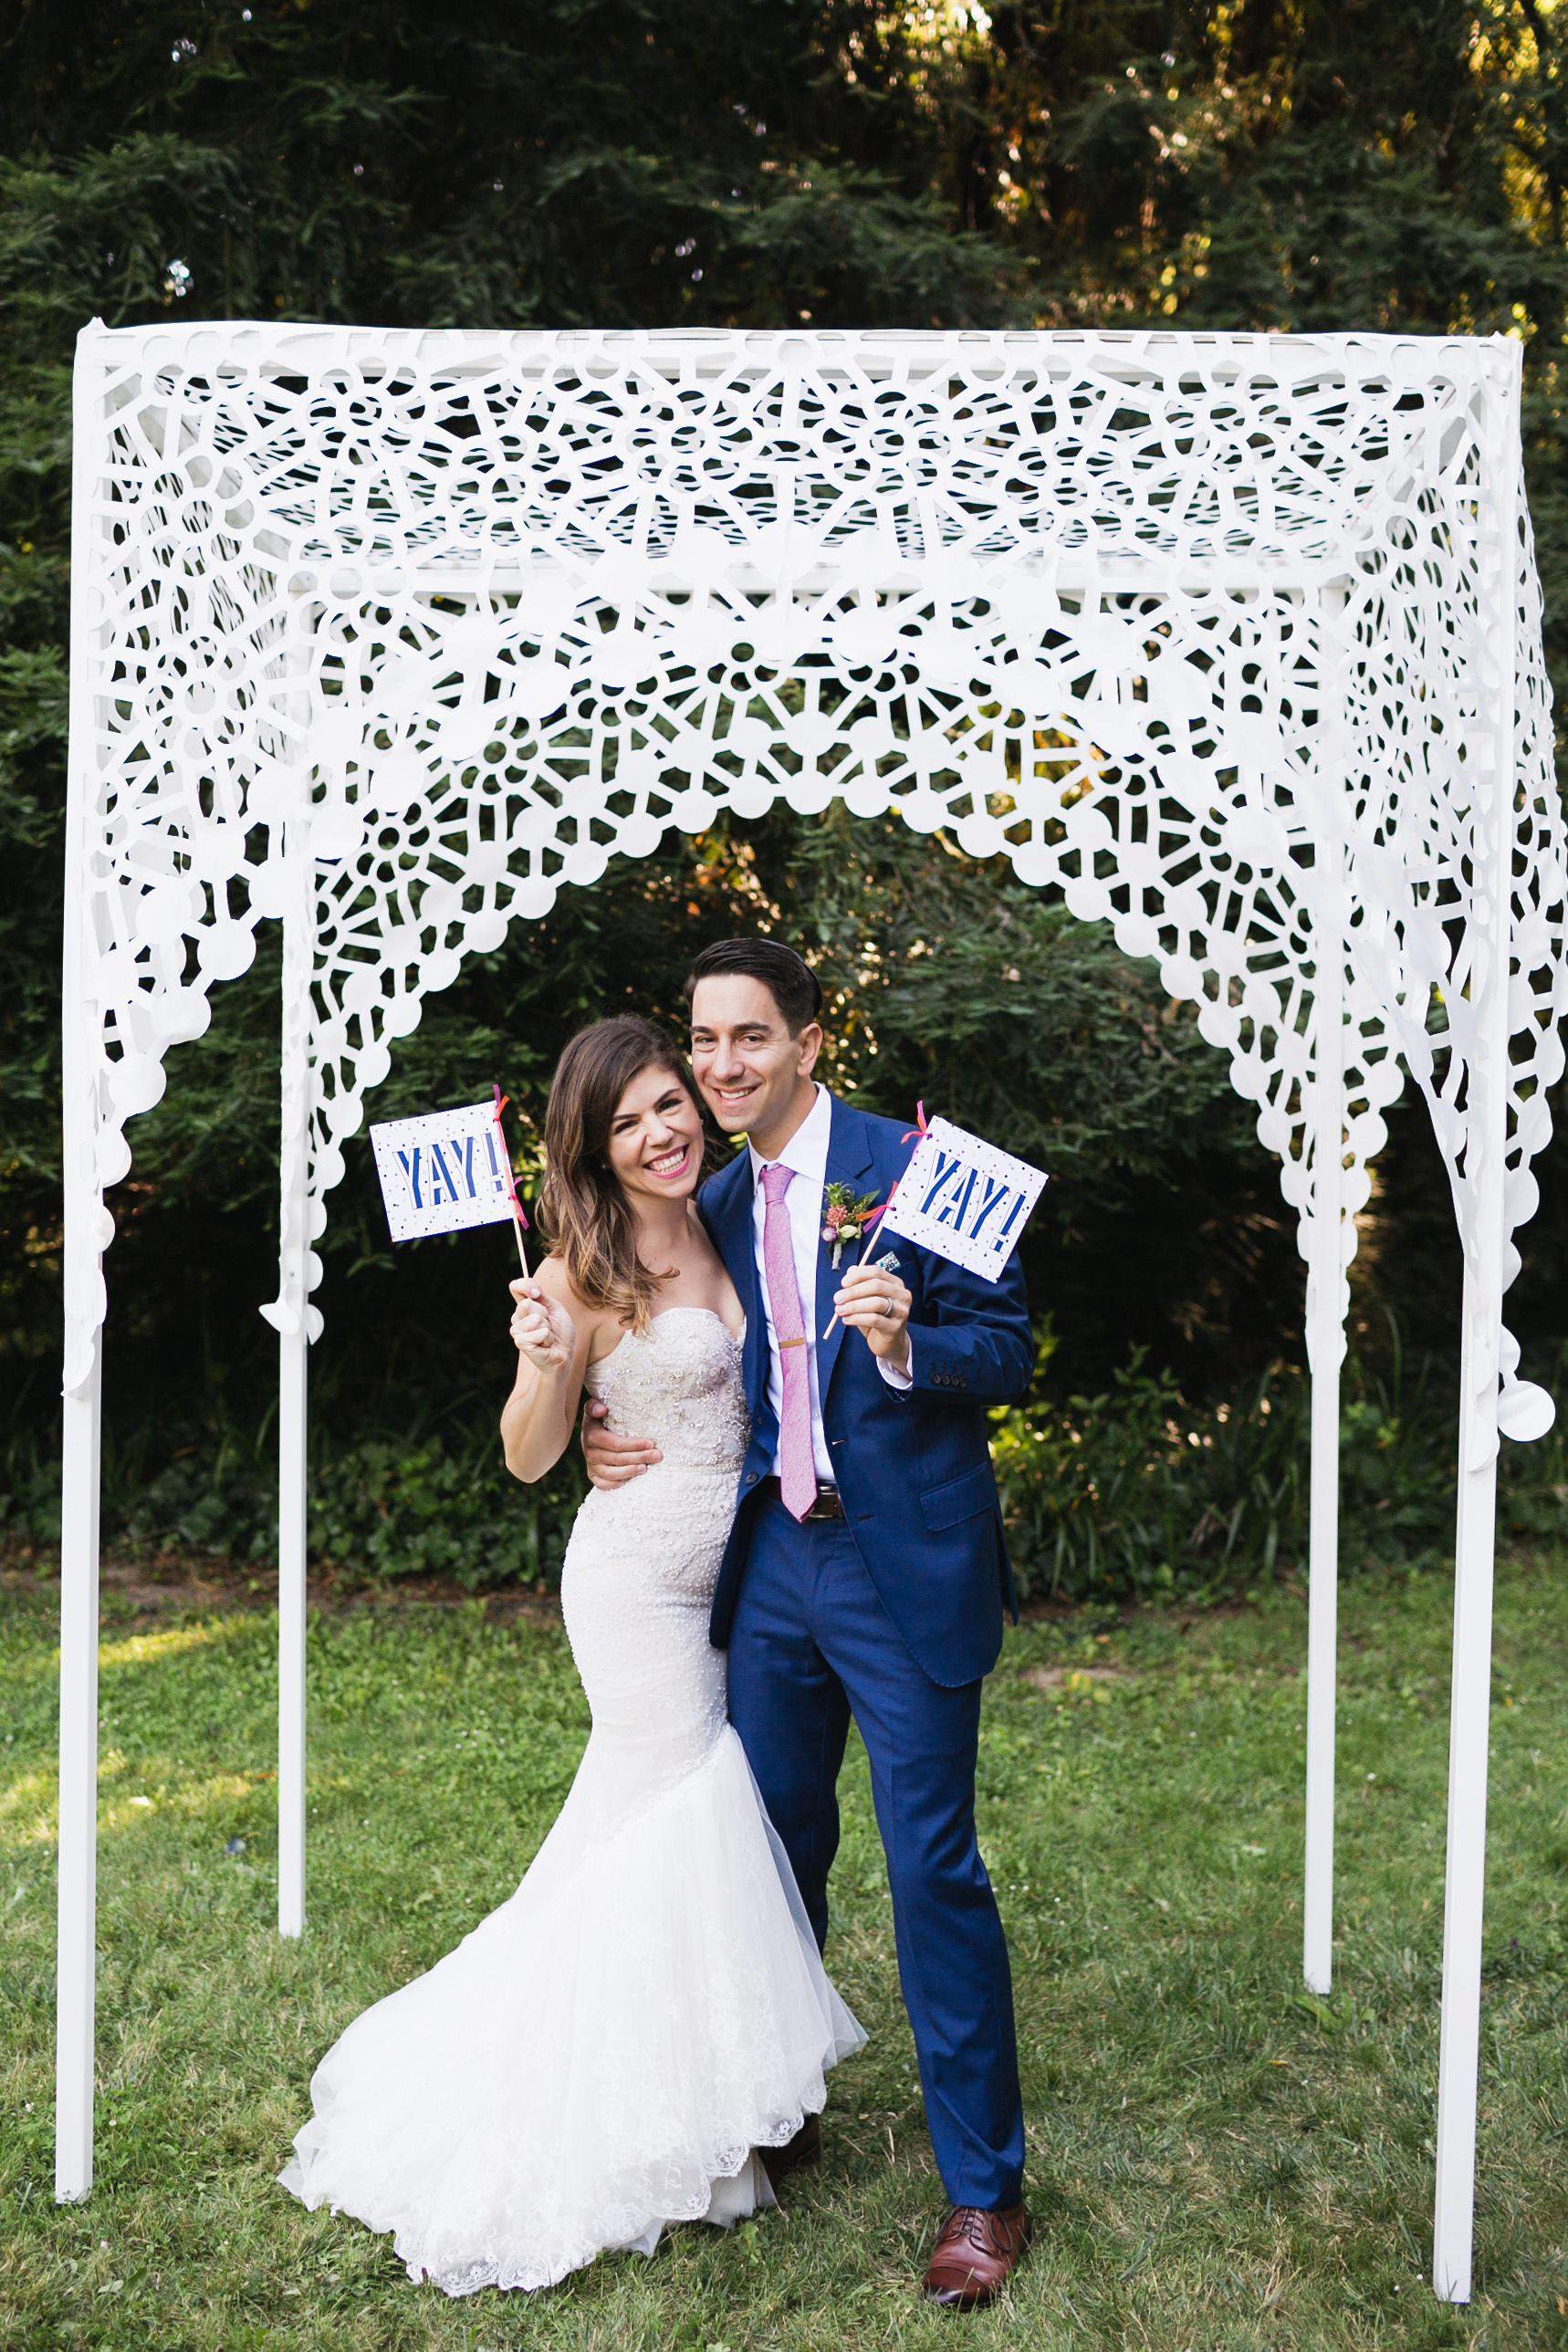 molly adam wedding couple yay